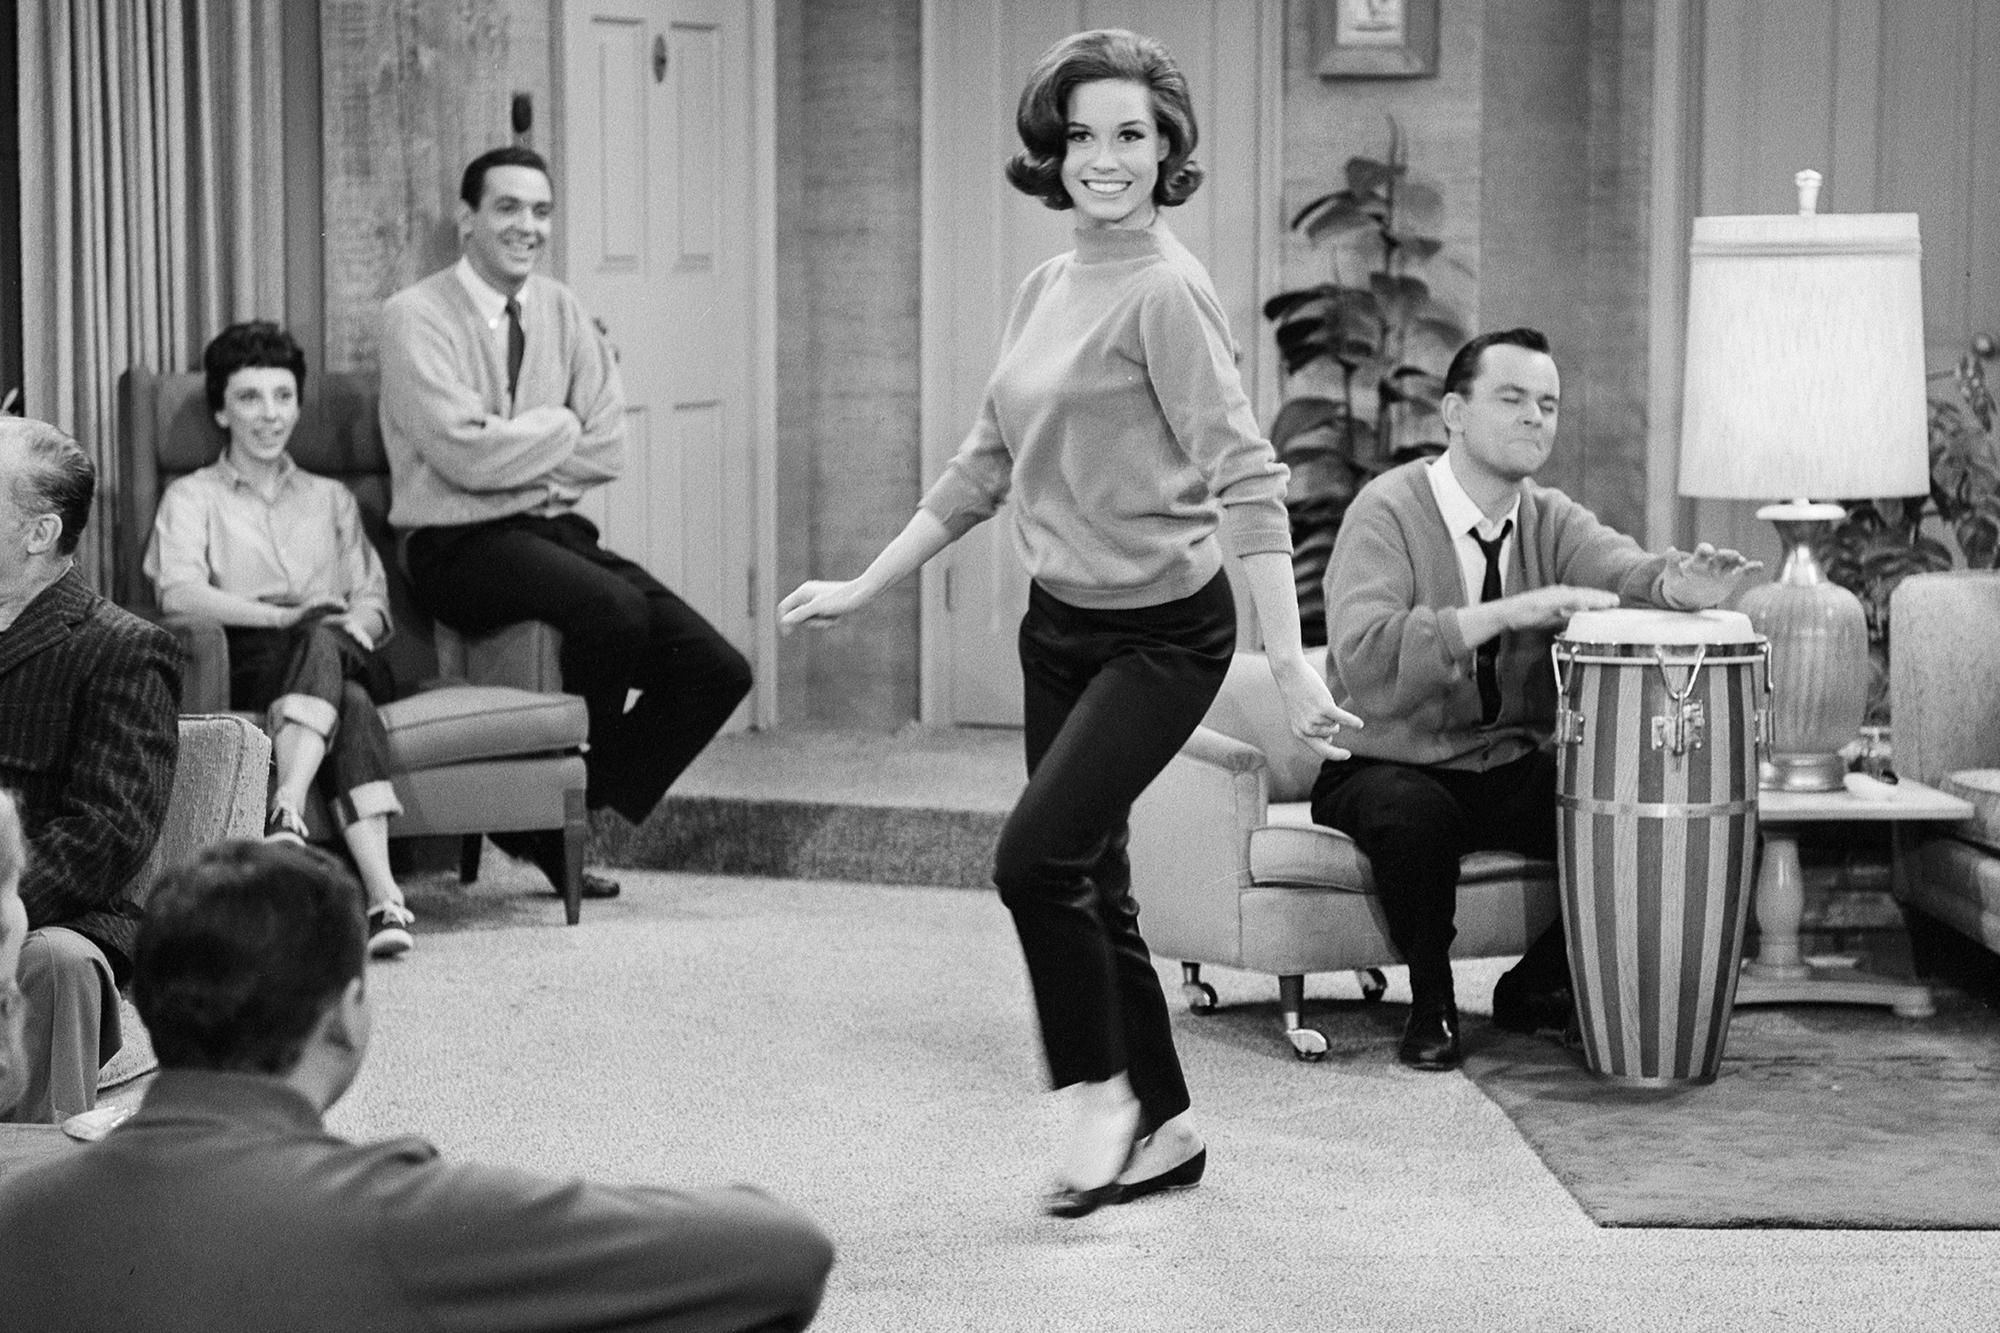 Mary Tyler Moore filming The Dick Van Dyke Show, on Nov. 13, 1962 in Los Angeles.